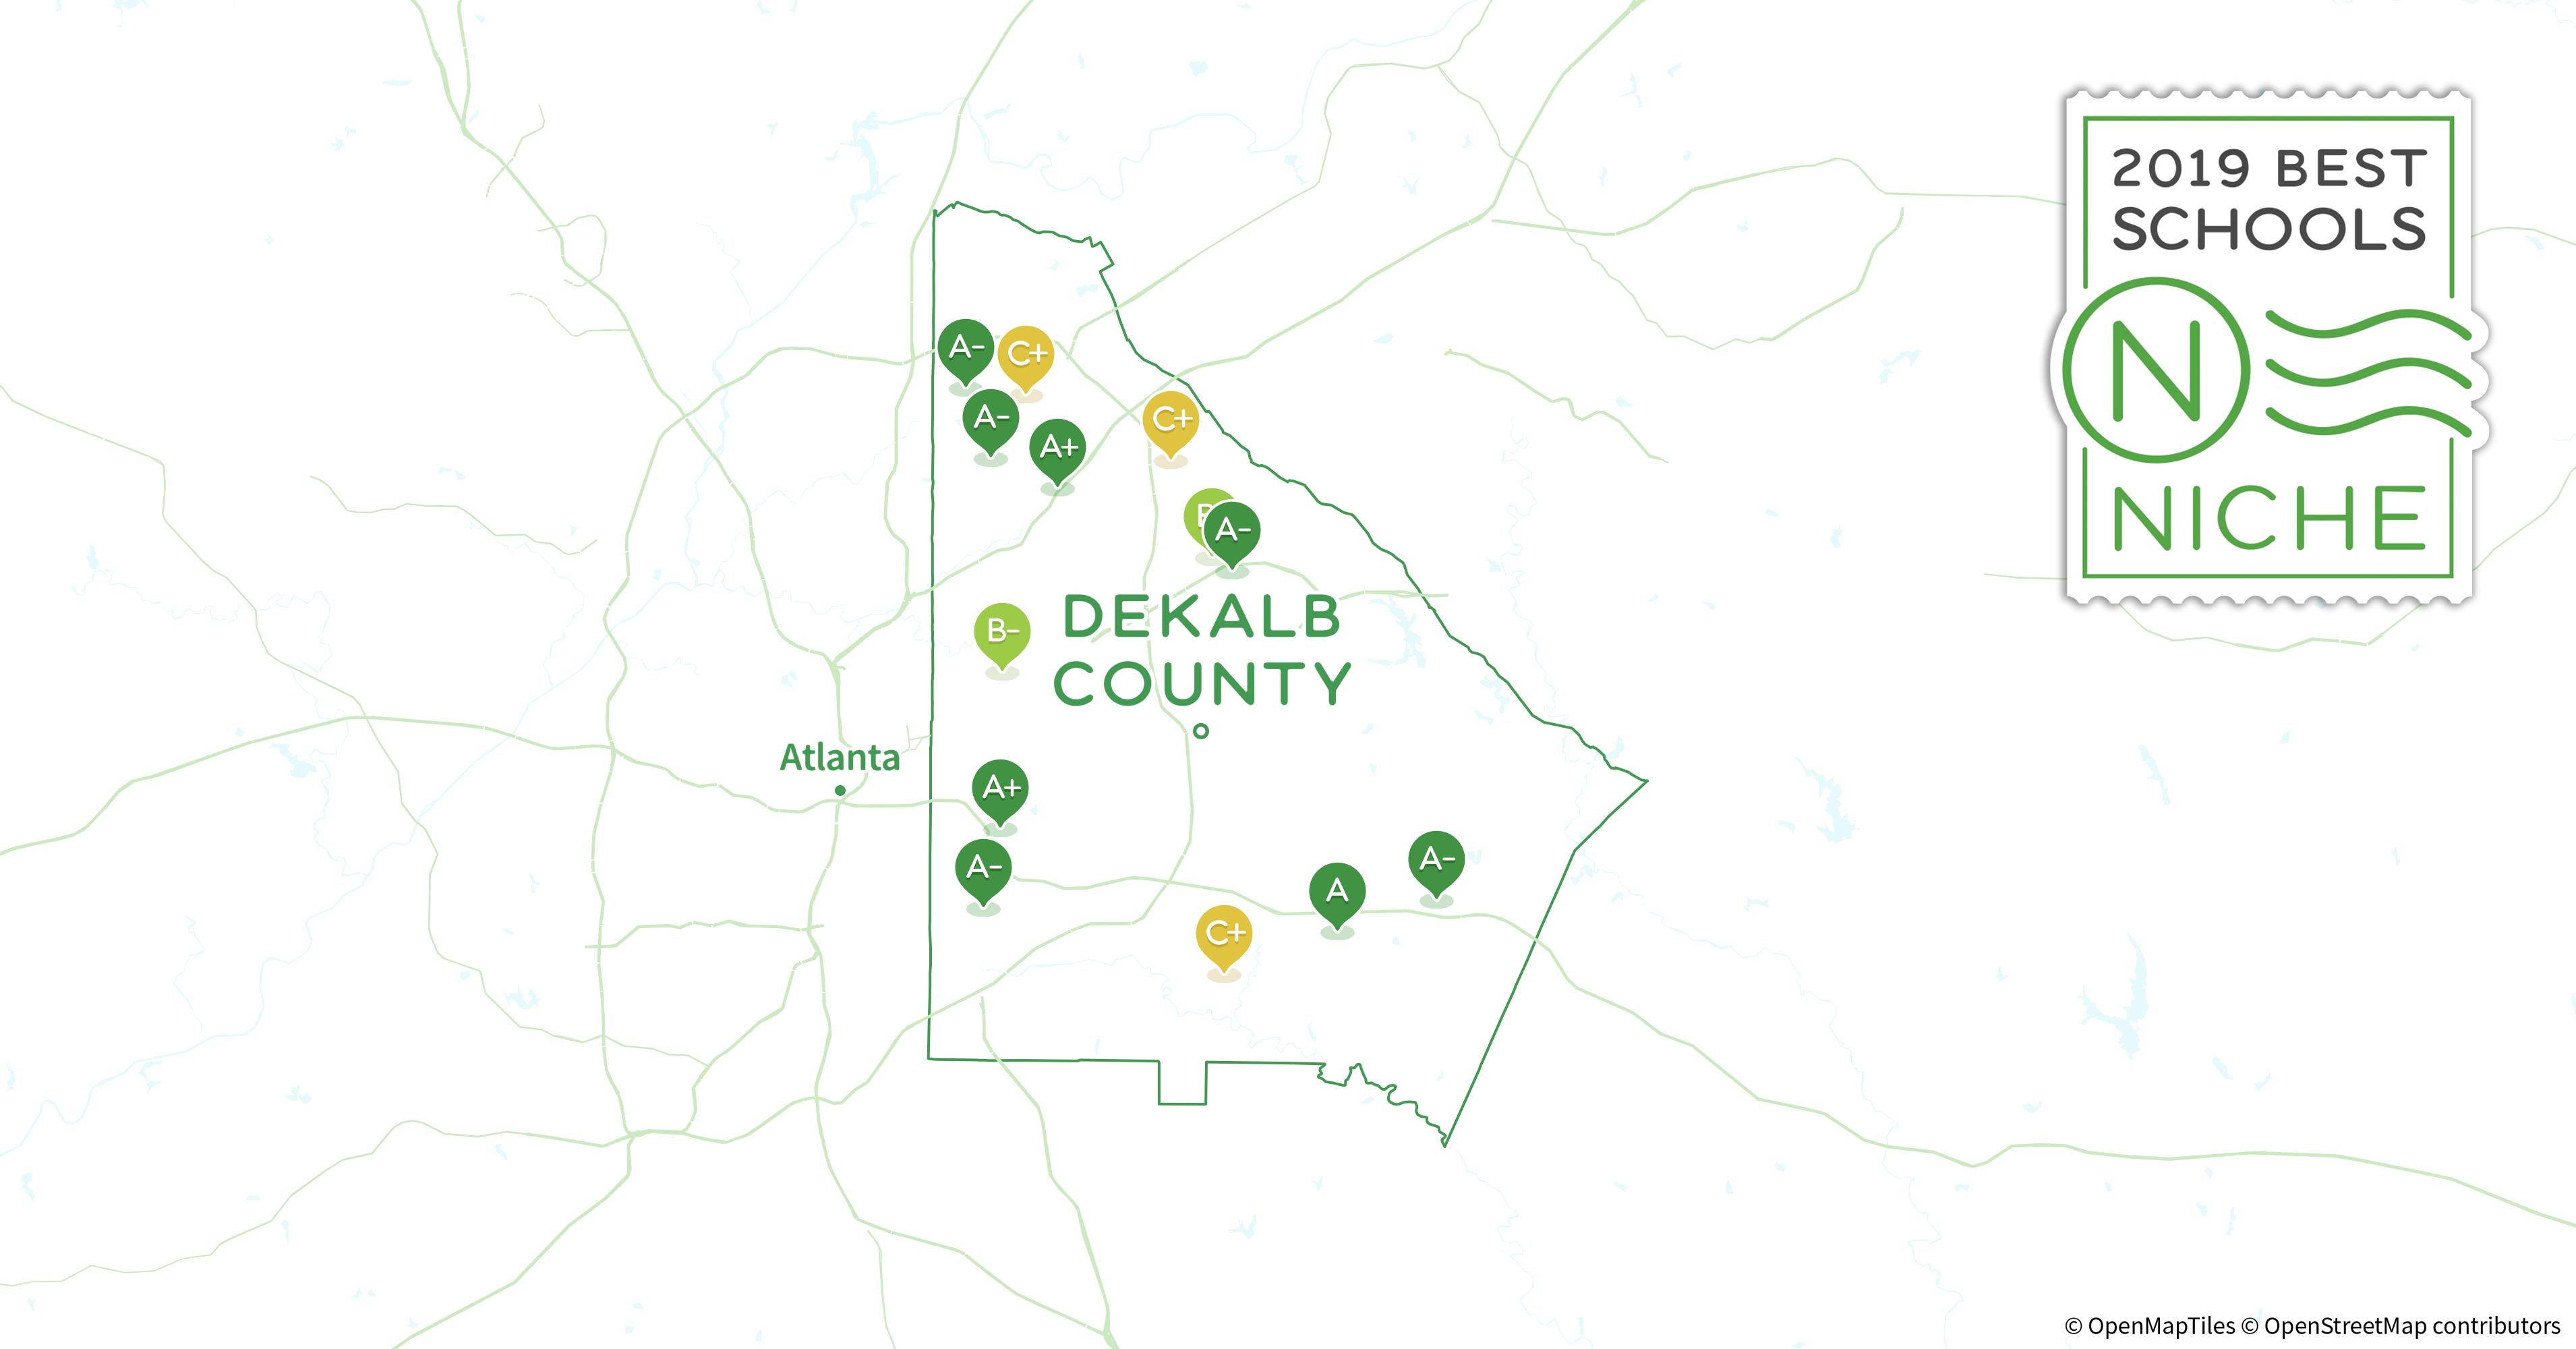 Dekalb Zip Code Map.2019 Best Public Elementary Schools In Dekalb County Ga Niche